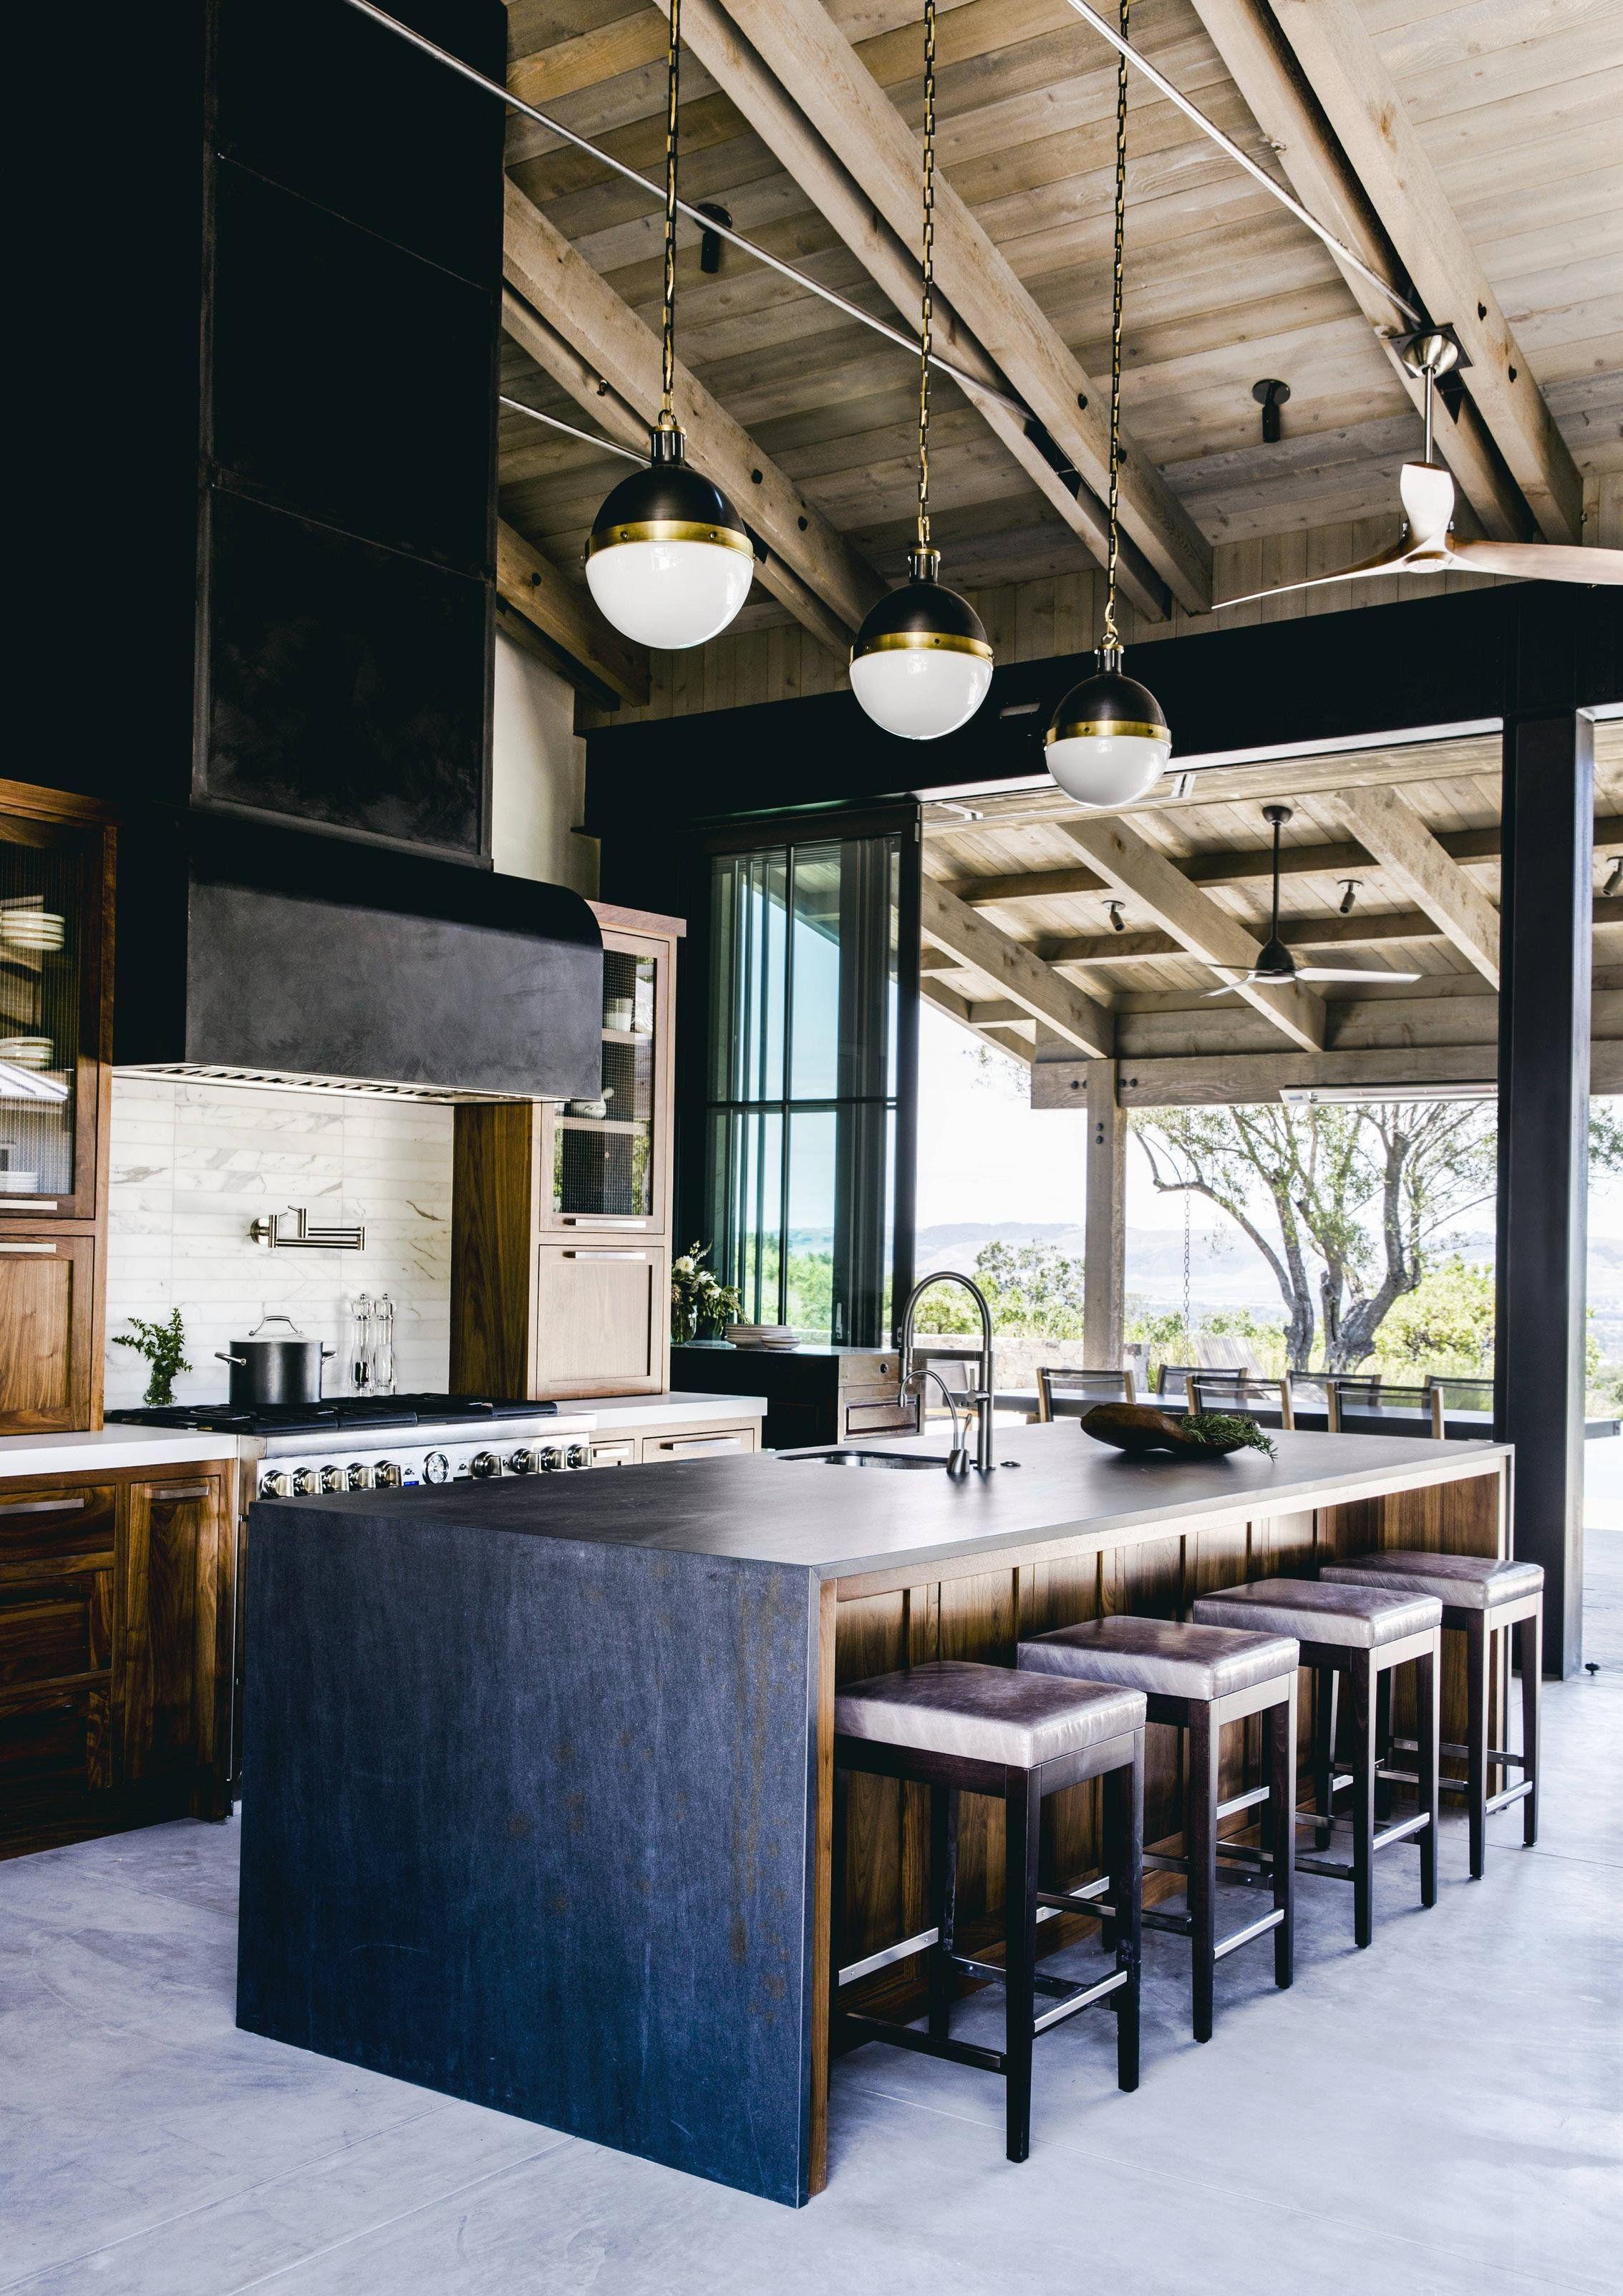 Interior Design Open Kitchen: Open Kitchen With Dark Wood Finishes, Waterfall Island